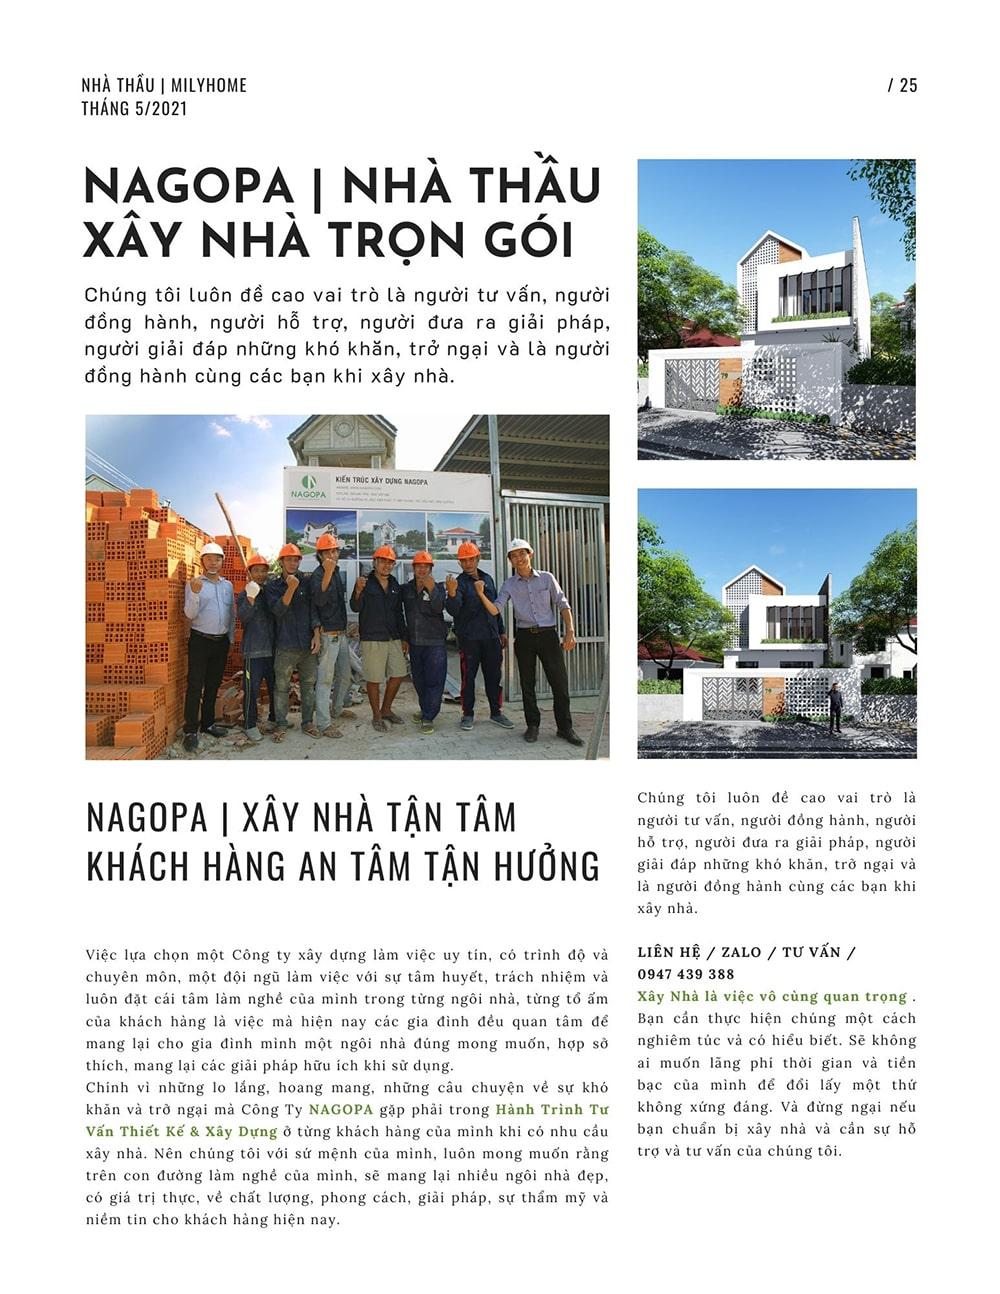 NAGOPA thiết kế xây dựng xây nhà tận tâm khách hàng an tâm tận hưởng